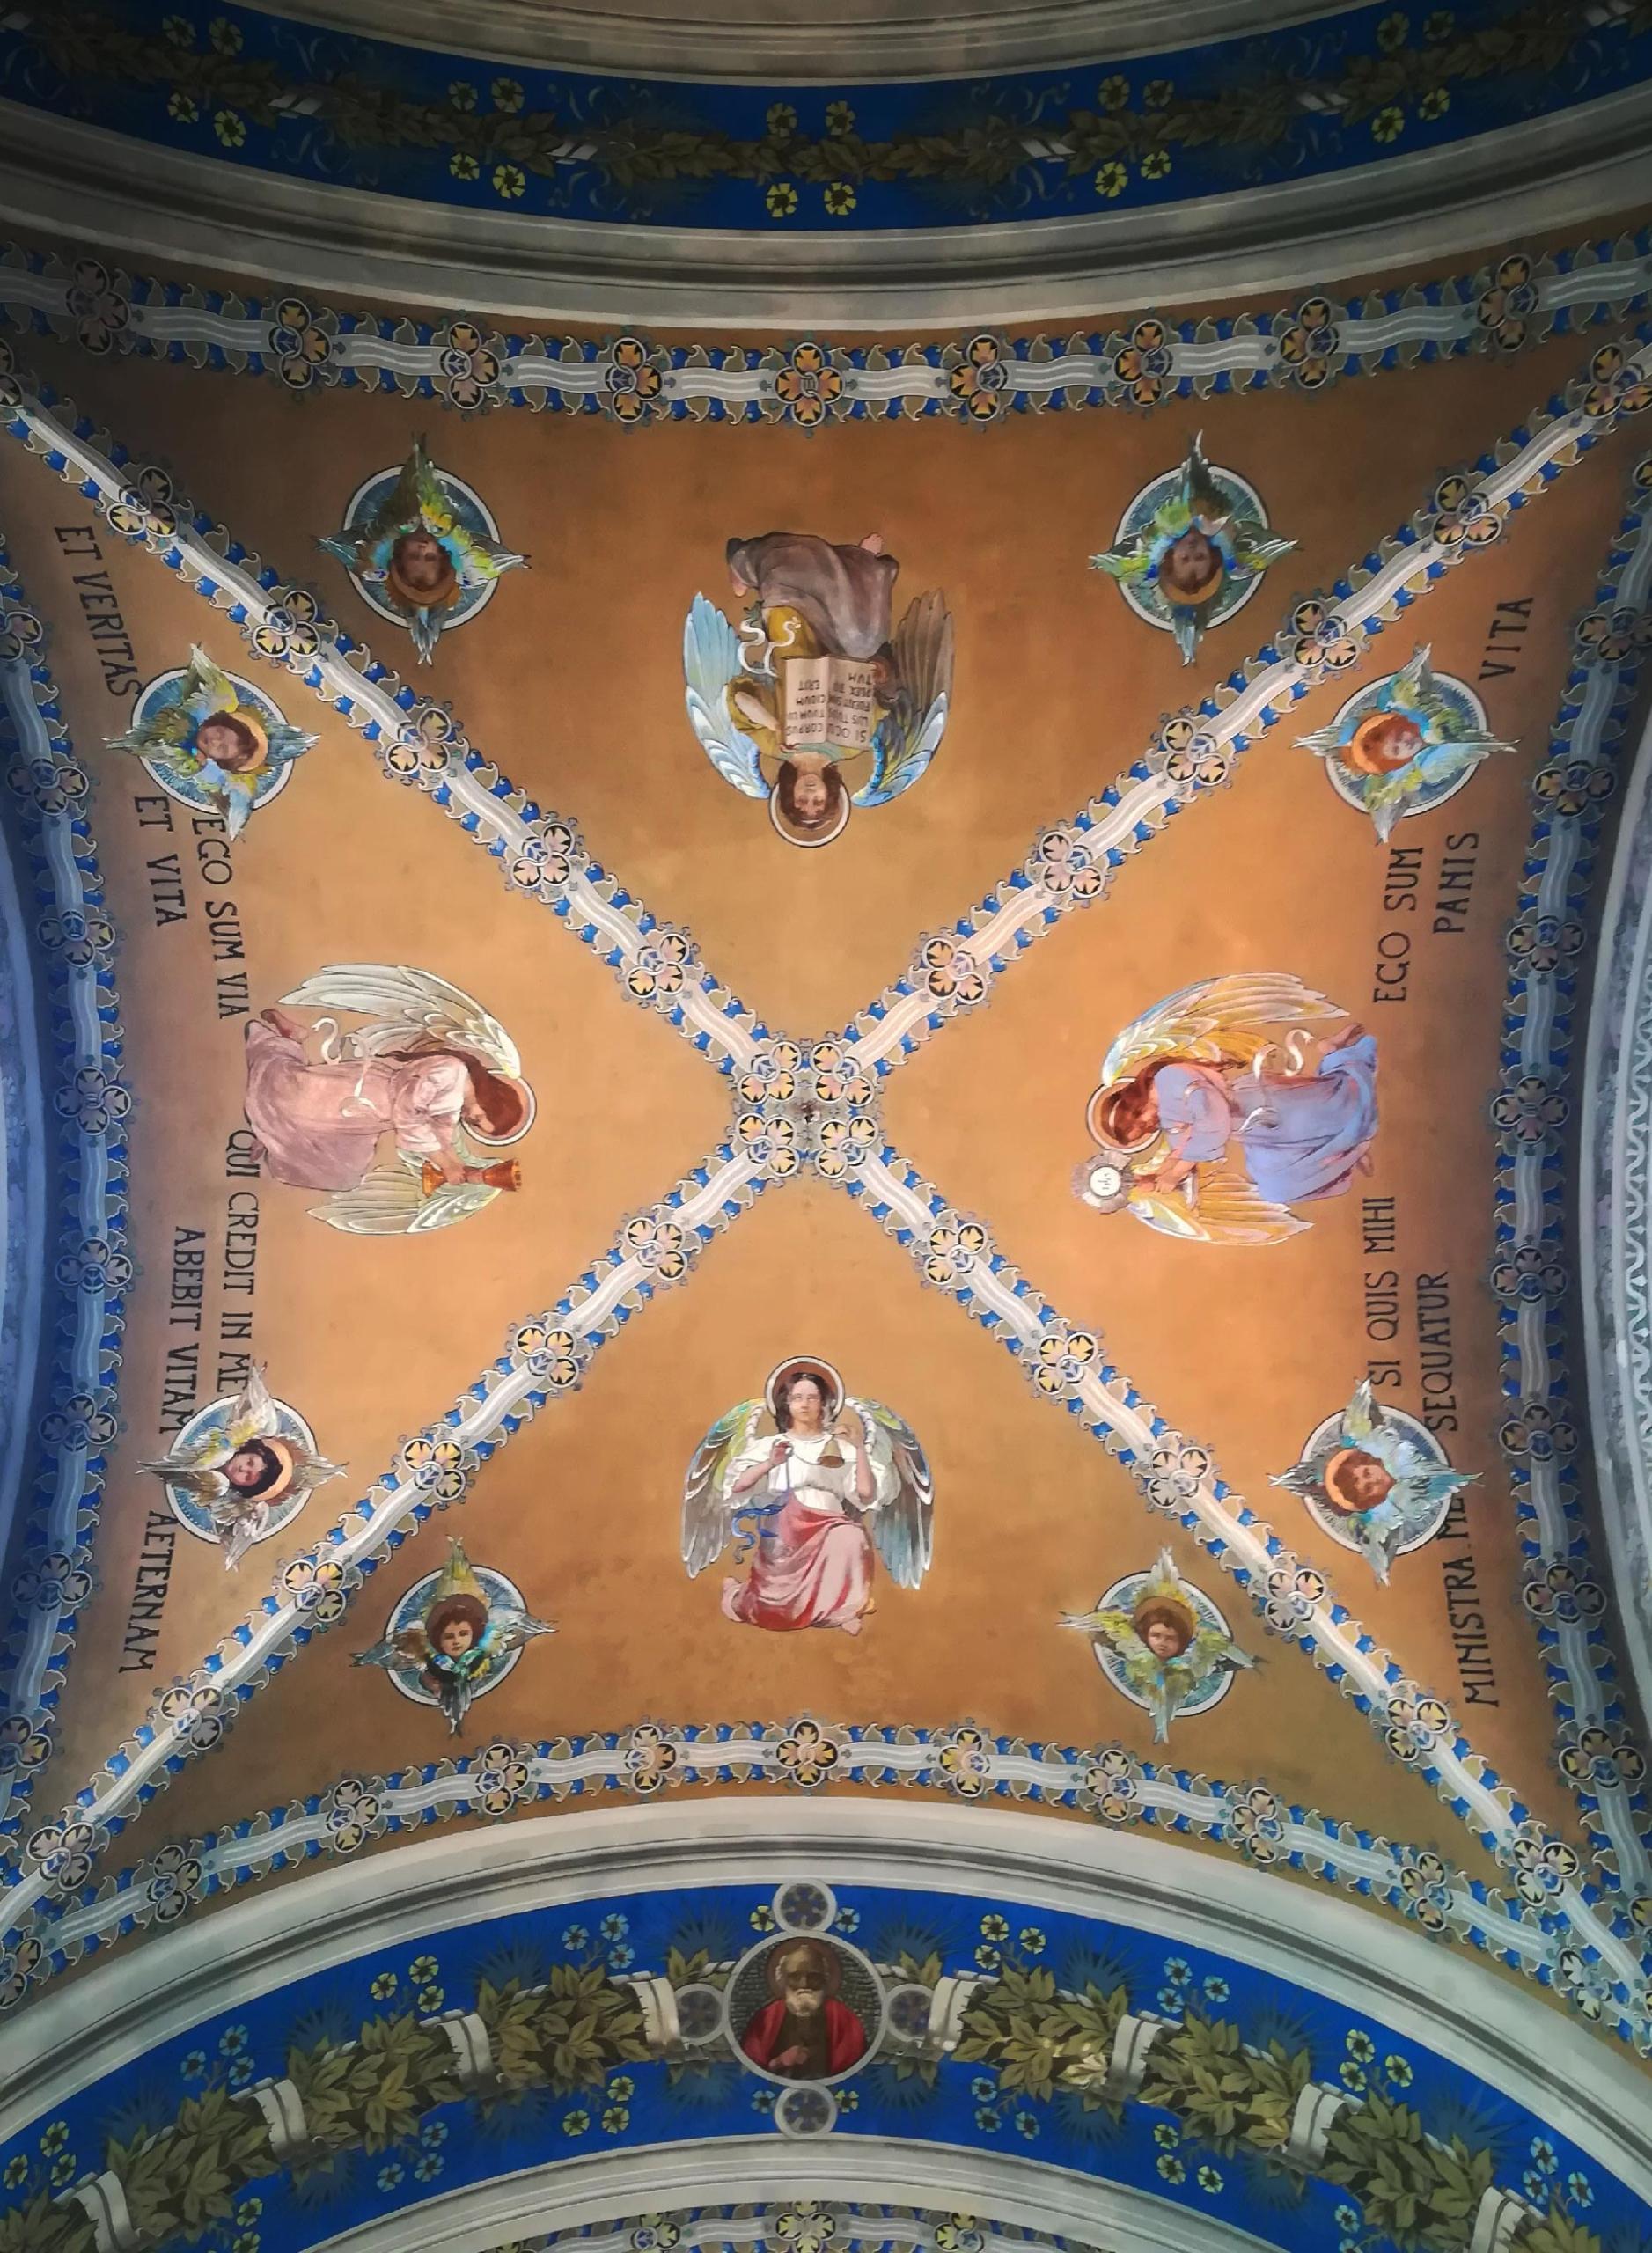 Particolare del soffito della Chiesa di Ss Immacolata a Favignana, Trapani, Sicilia